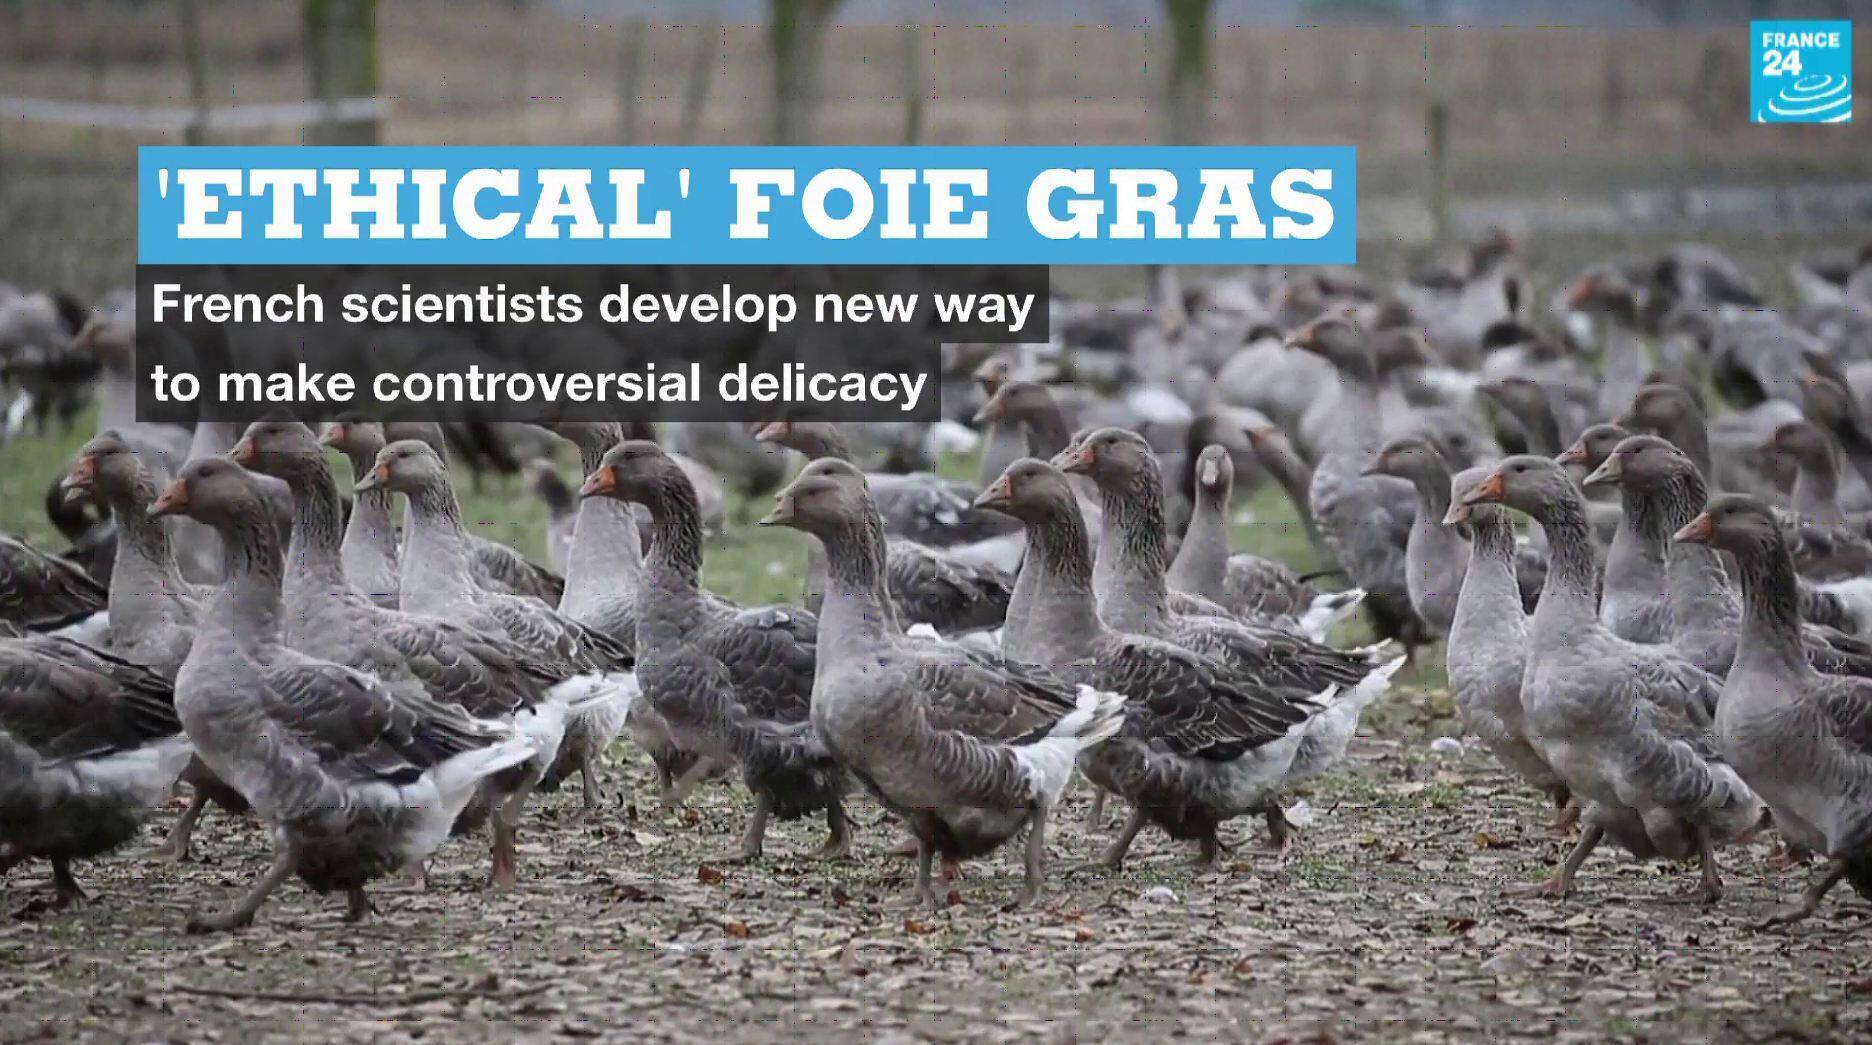 EN Vignette Ethical Foie Gras